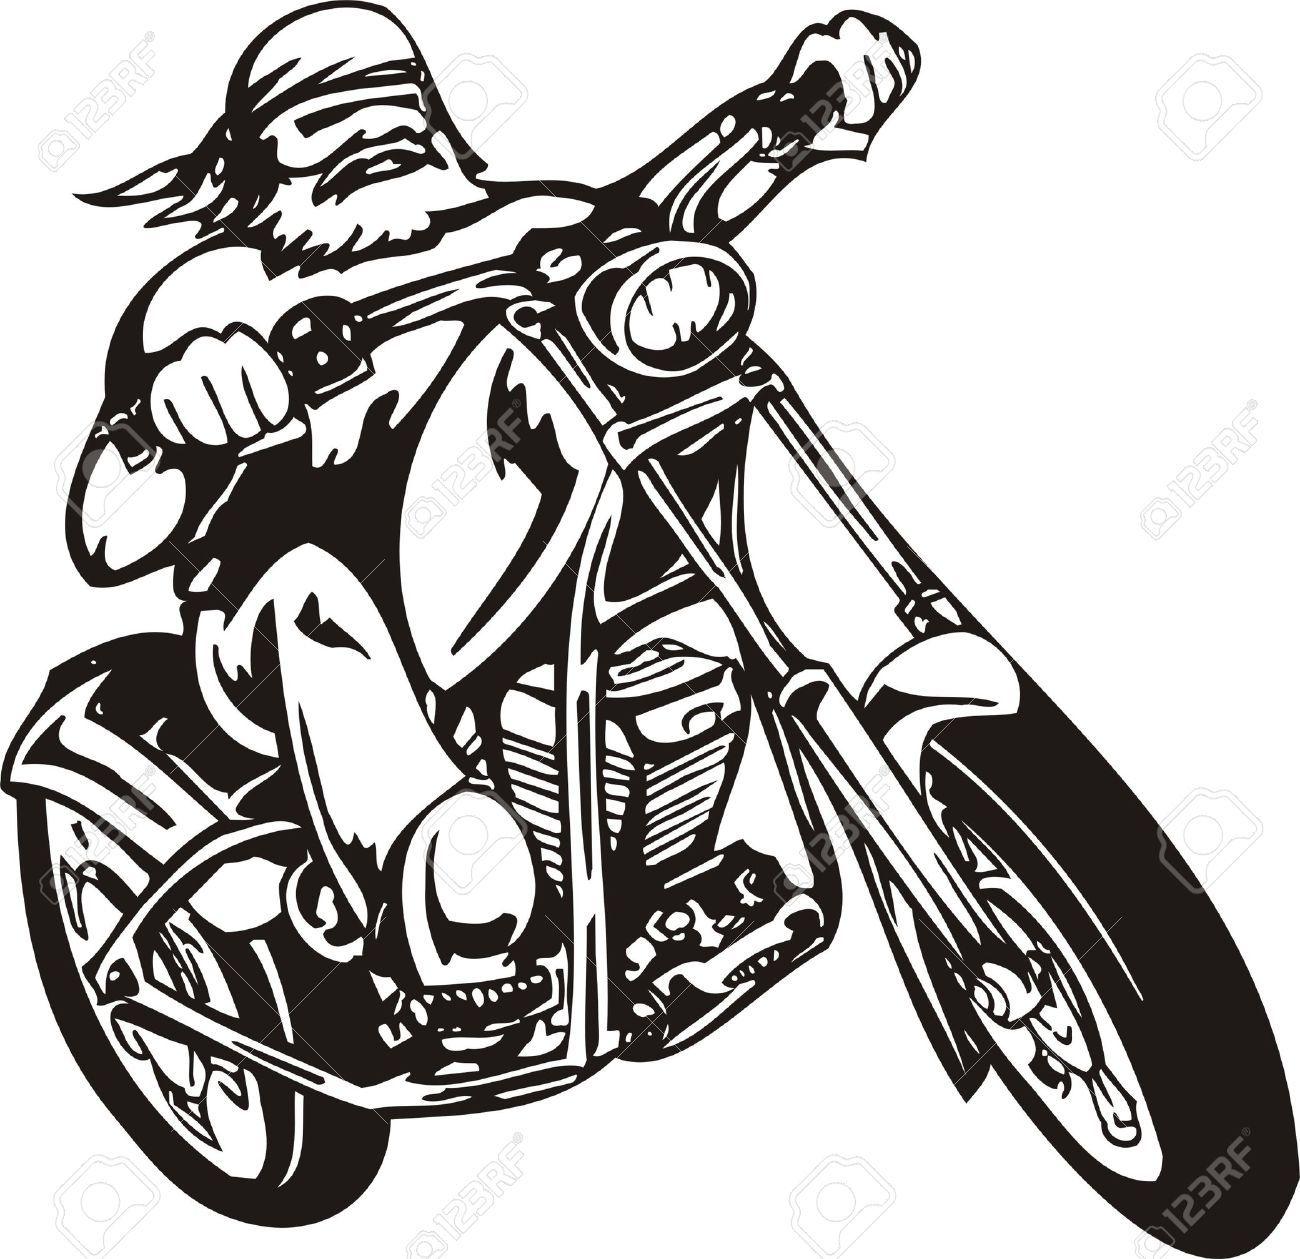 1300x1259 Motorcycle Vector Art